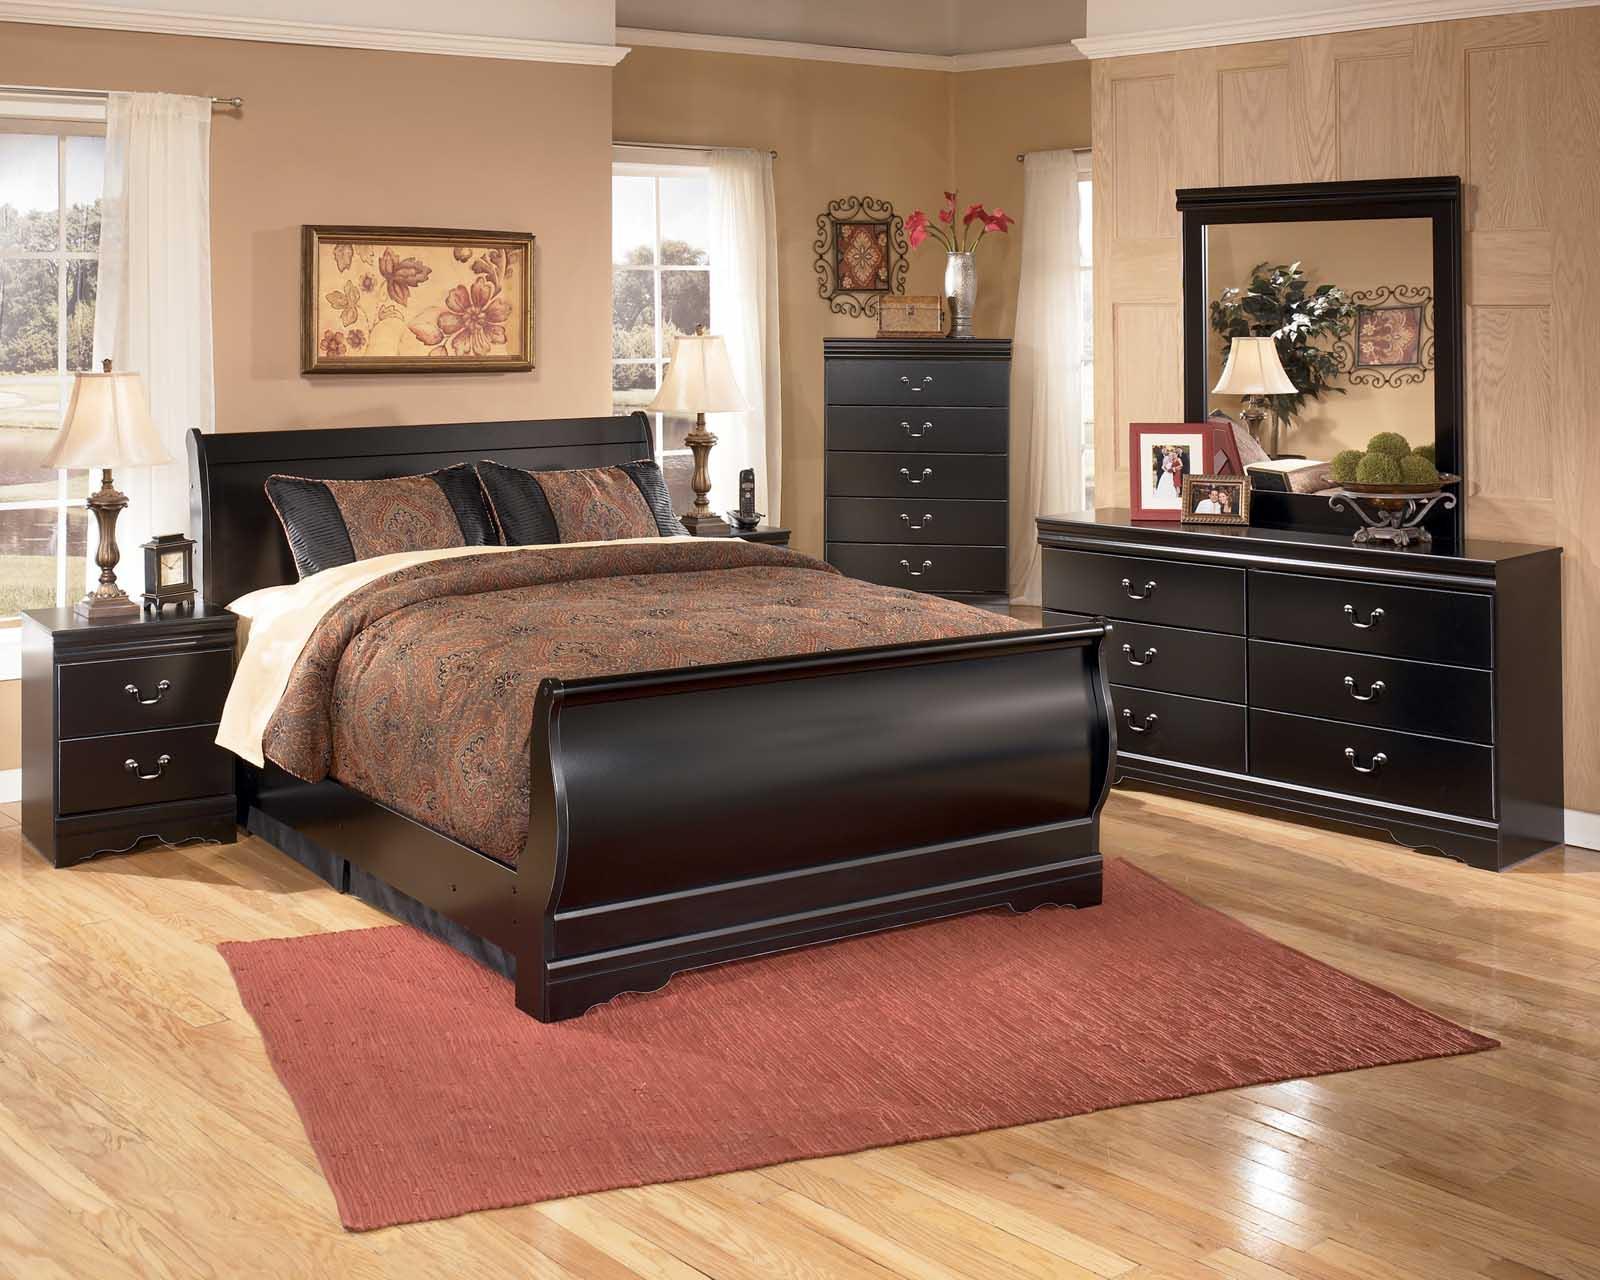 full bedroom sets huey vineyard 4-piece sleigh bedroom set in black LUWPBFD